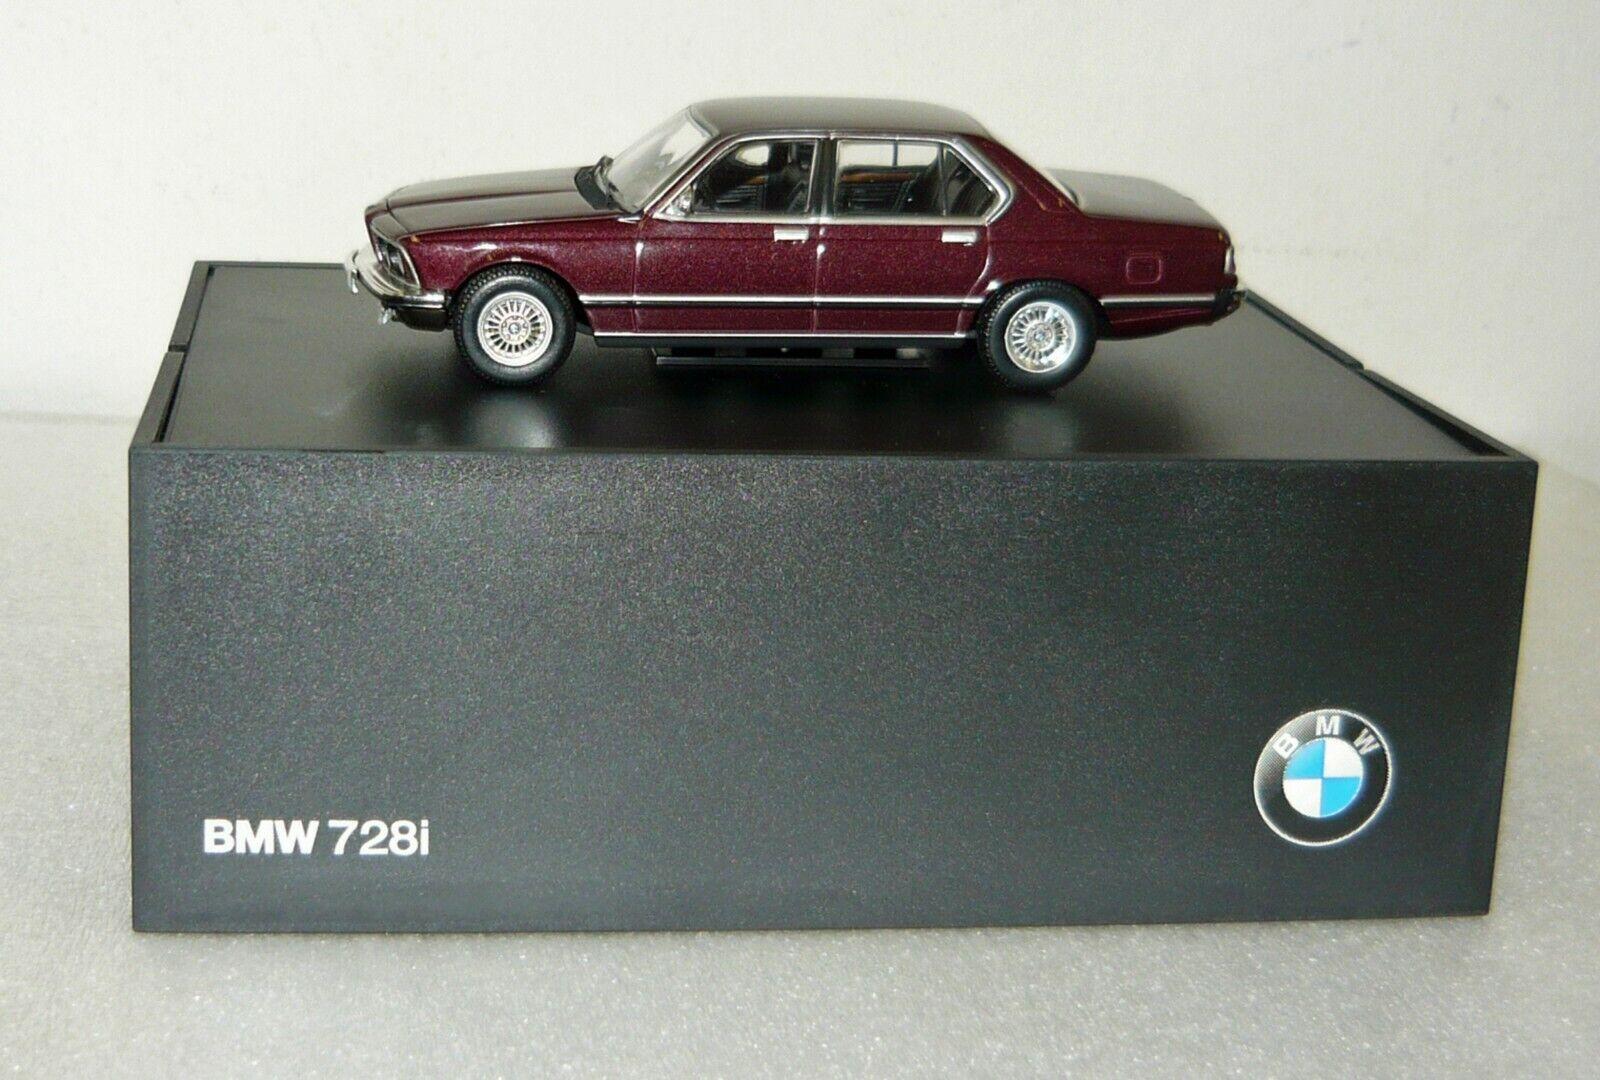 BMW commerçant modèle 80420390514, bmw 728i, bordeaux métallisé, 1 43, neu&ovp